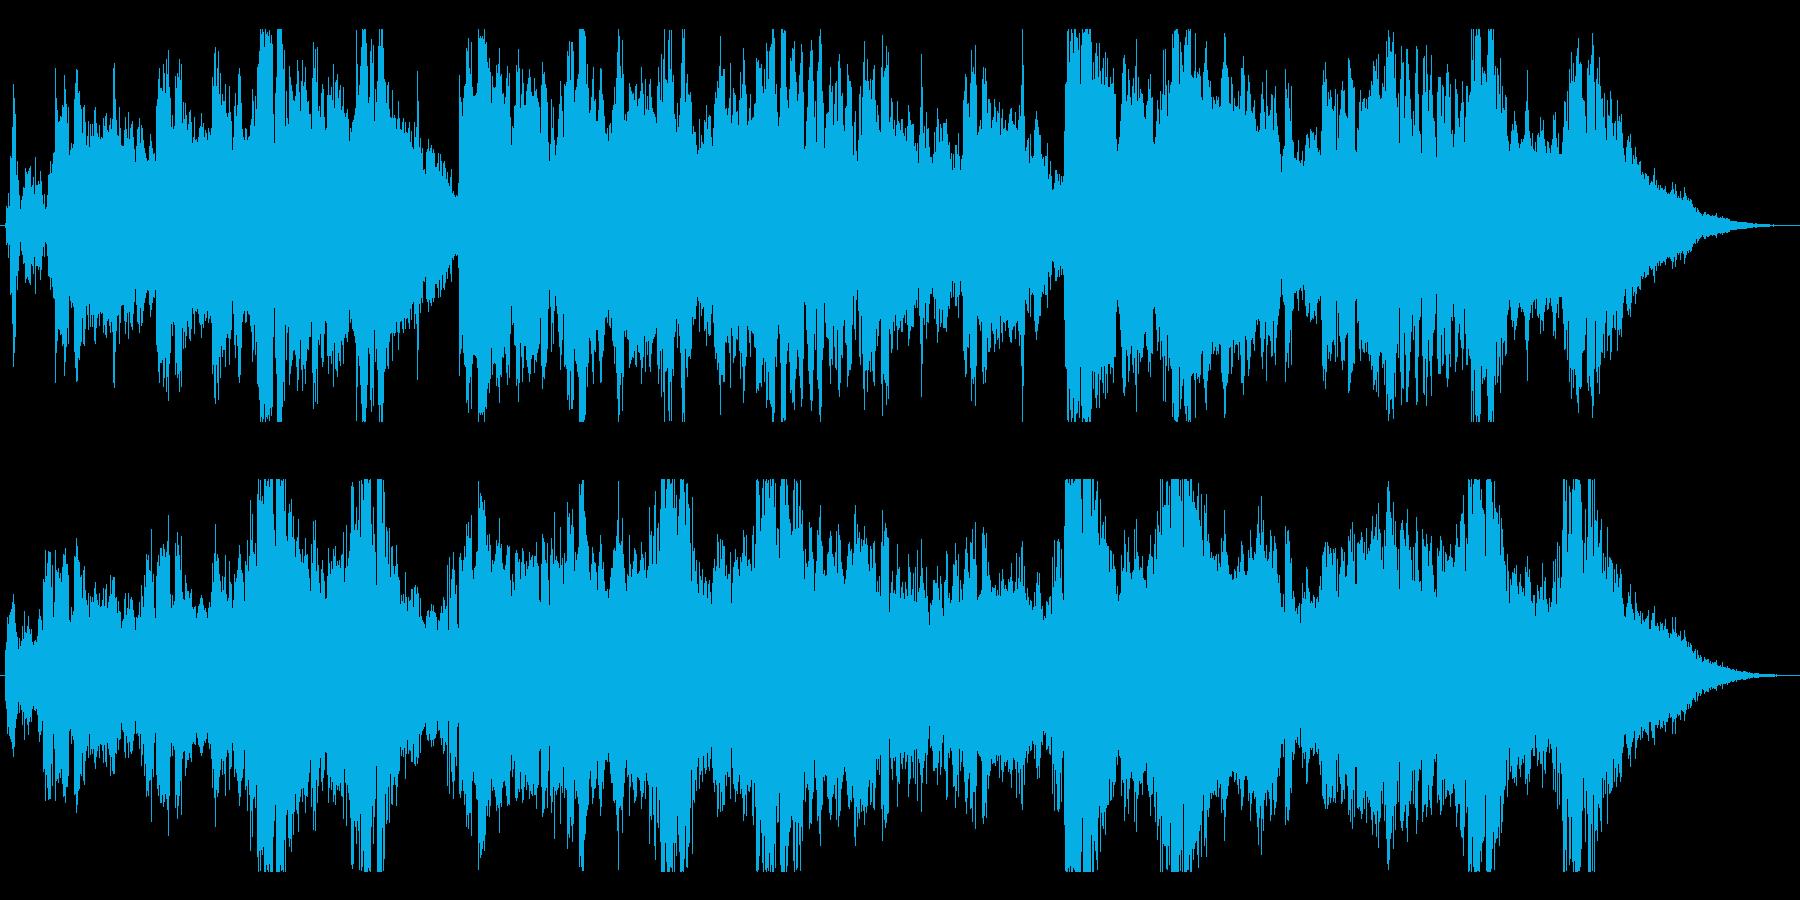 恐ろしい、未来的な楽器のキュー。 ...の再生済みの波形